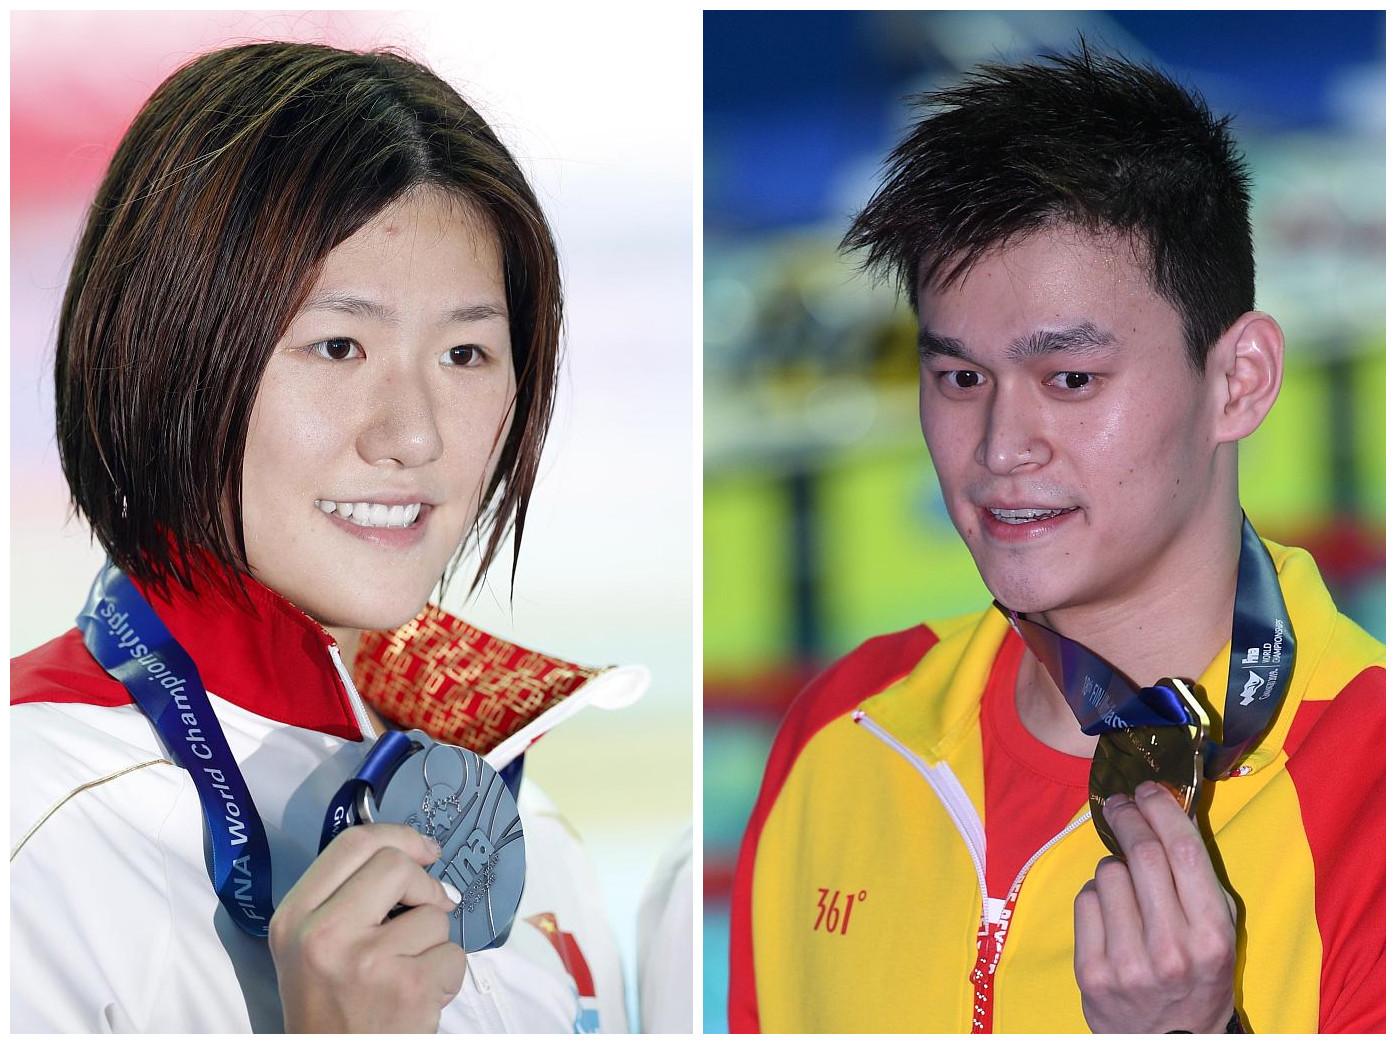 China tops medal table at FINA World Championships in Gwangju